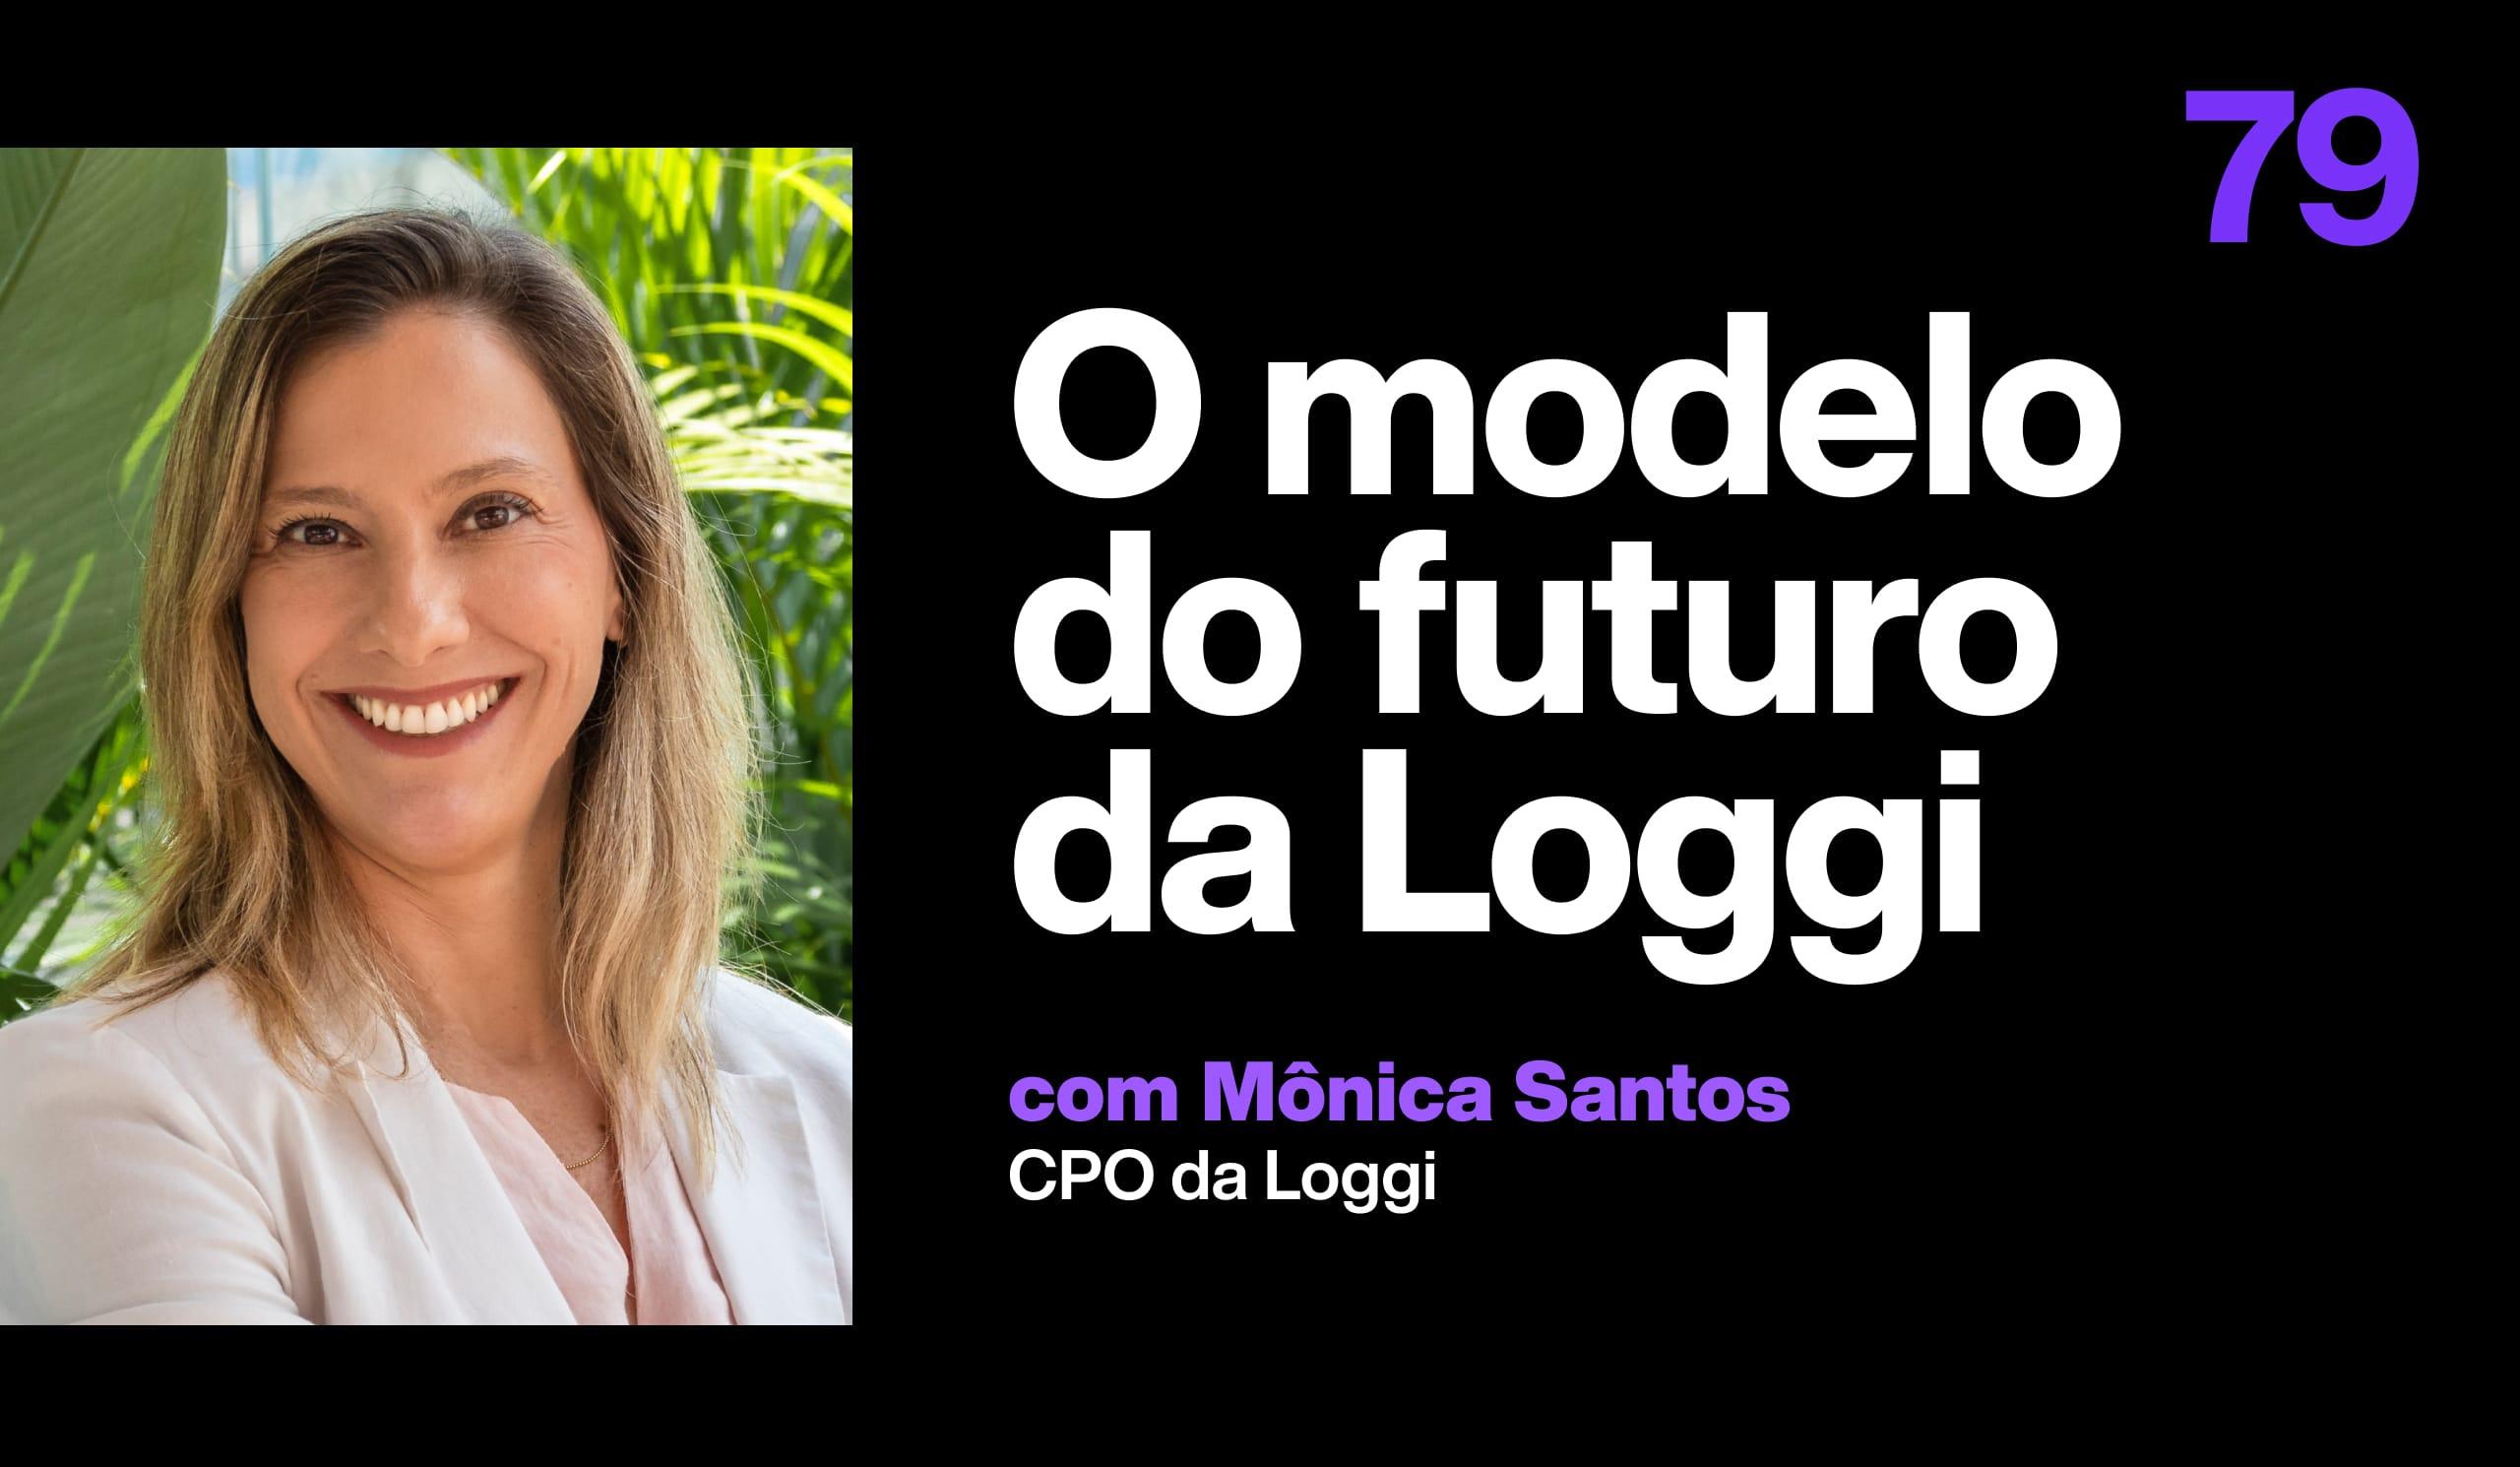 O modelo de trabalho do futuro na Loggi